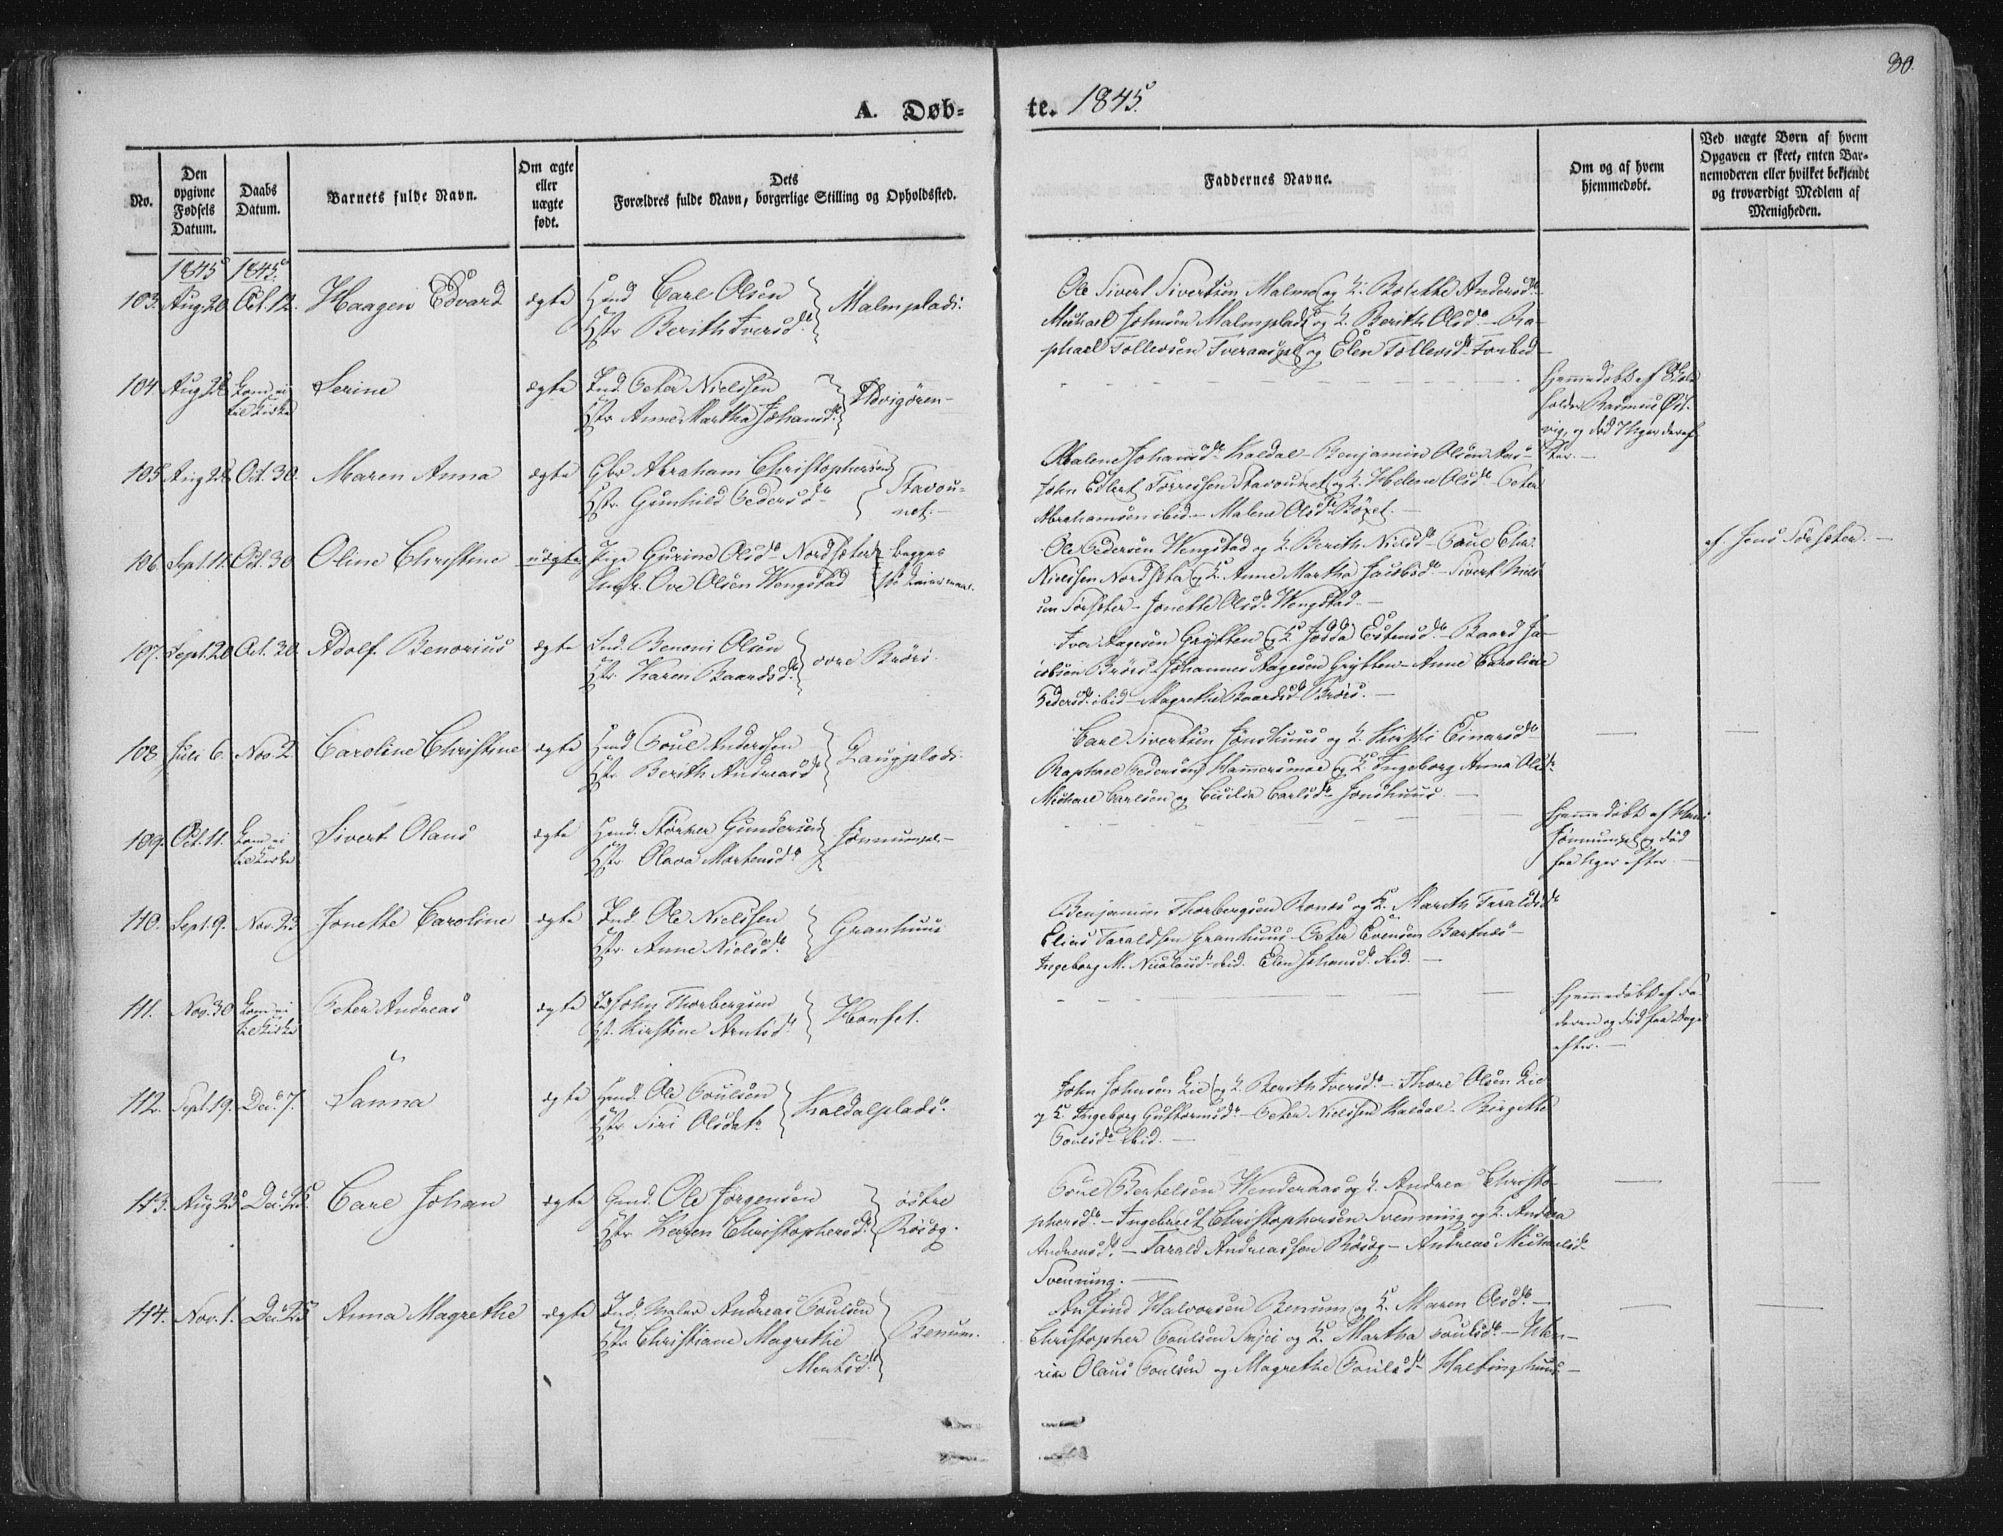 SAT, Ministerialprotokoller, klokkerbøker og fødselsregistre - Nord-Trøndelag, 741/L0392: Parish register (official) no. 741A06, 1836-1848, p. 80